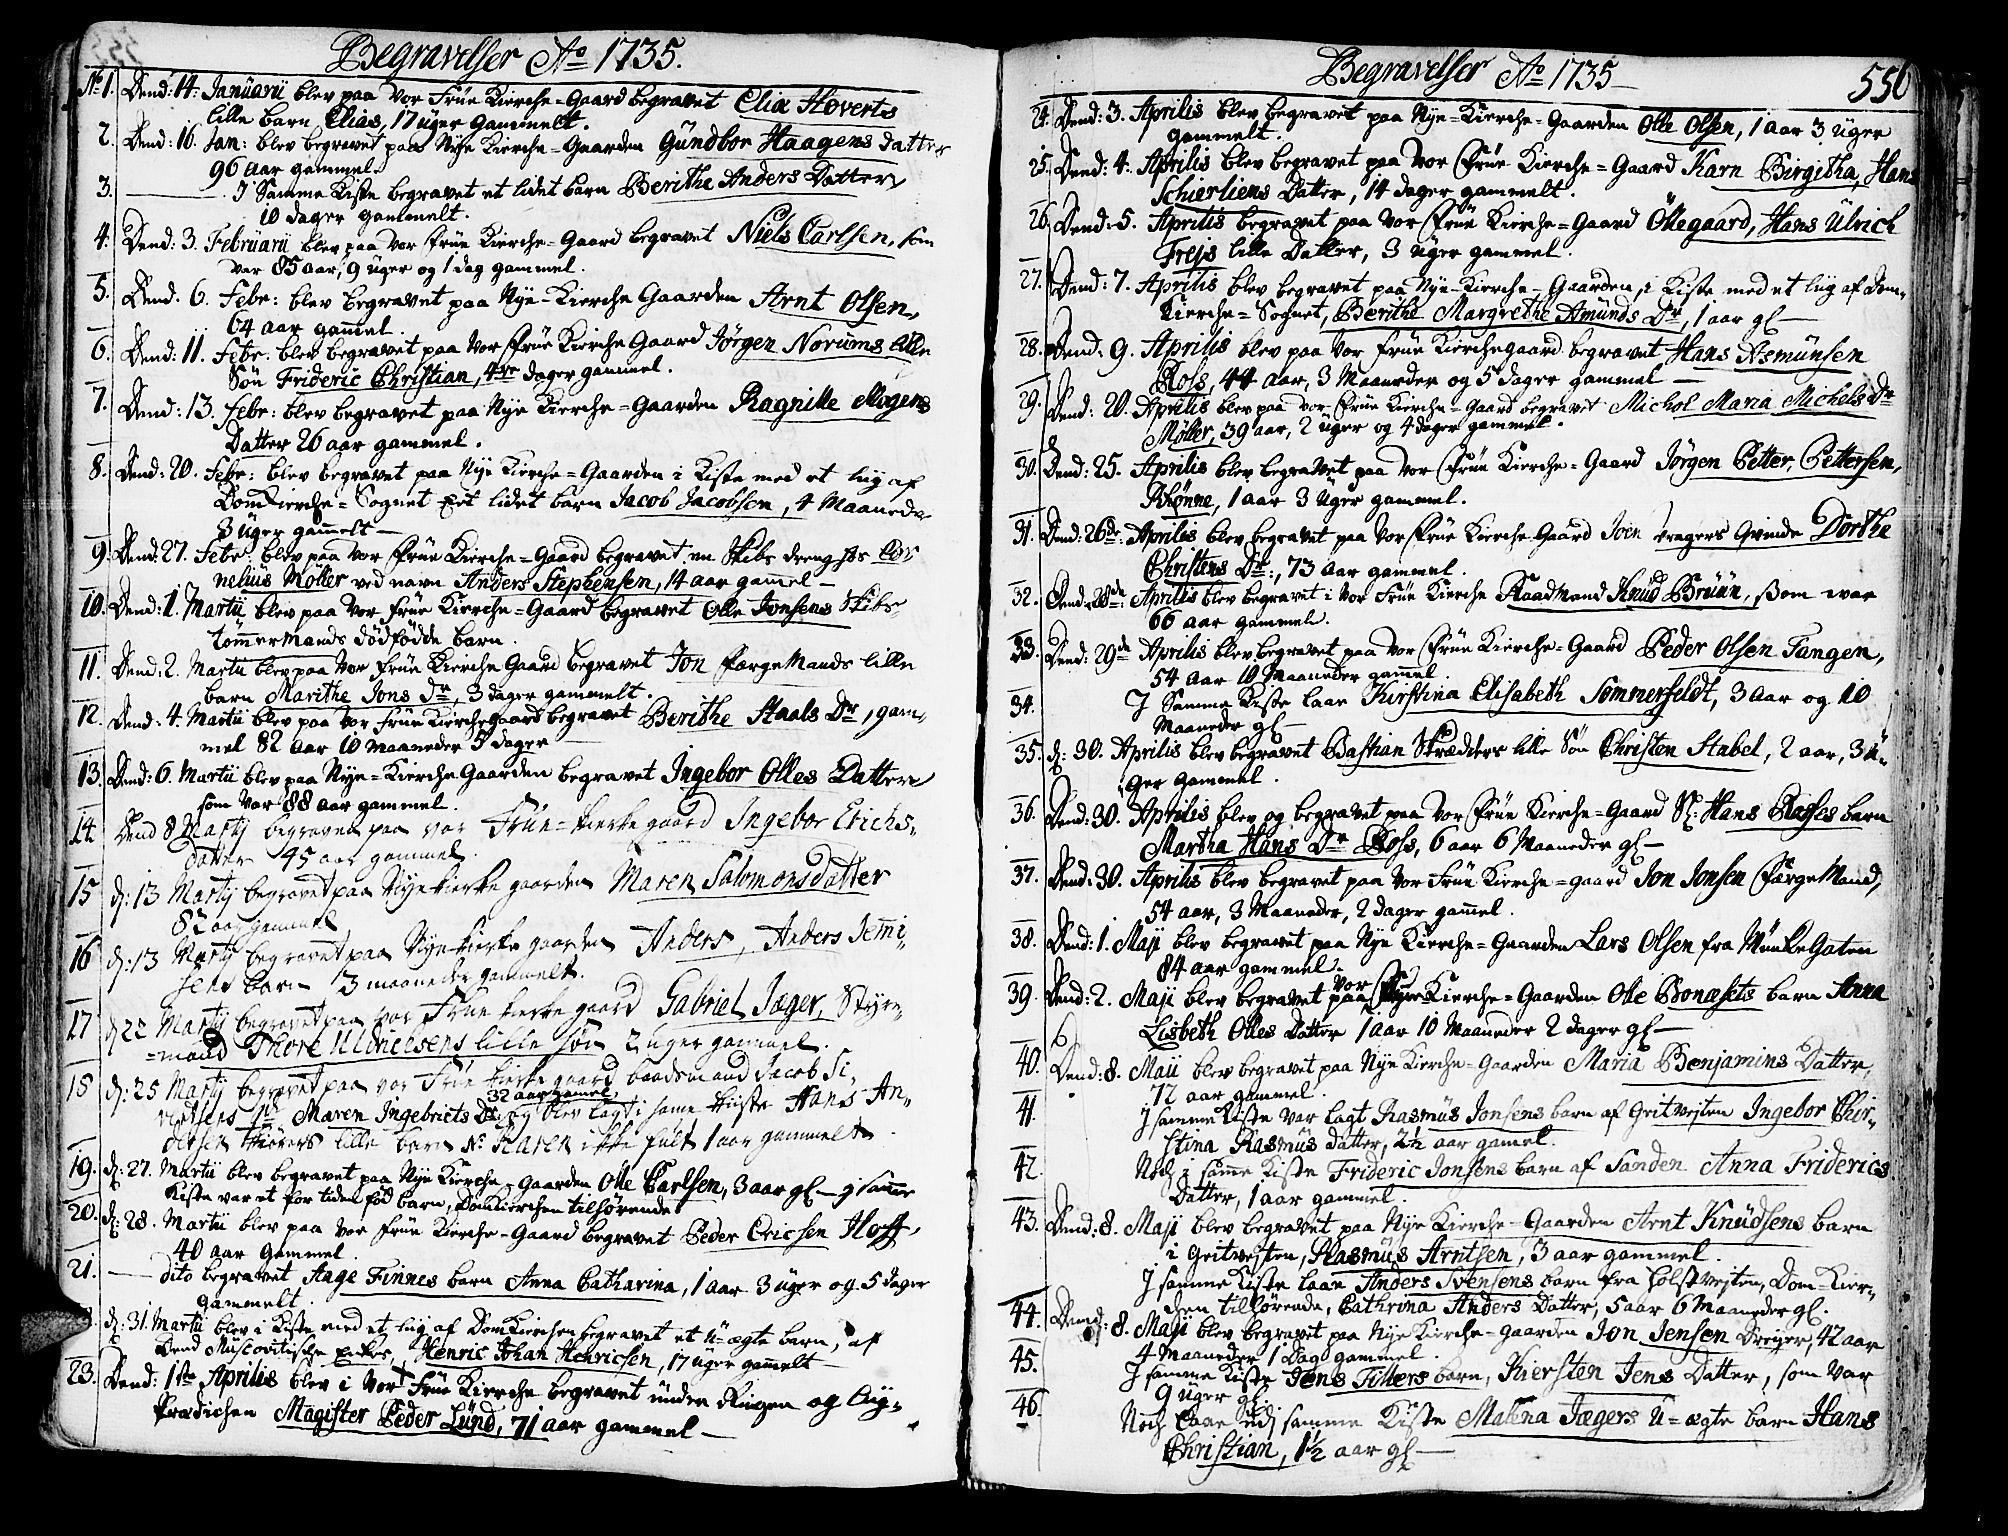 SAT, Ministerialprotokoller, klokkerbøker og fødselsregistre - Sør-Trøndelag, 602/L0103: Ministerialbok nr. 602A01, 1732-1774, s. 556